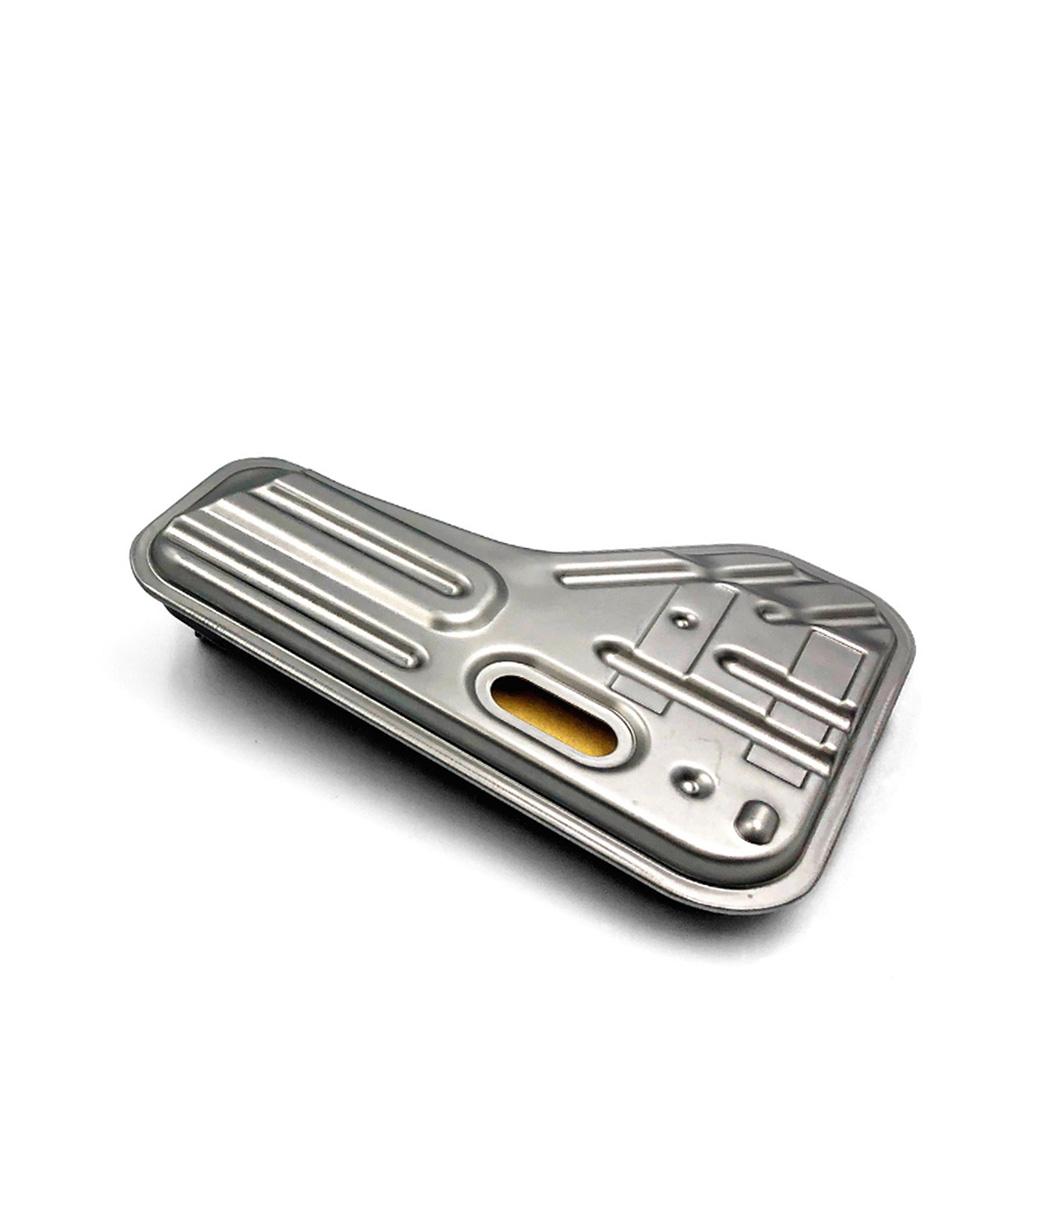 Filtro de Óleo Interno - Câmbio DSG 02E   DQ250 -  Volkswagen e Audi